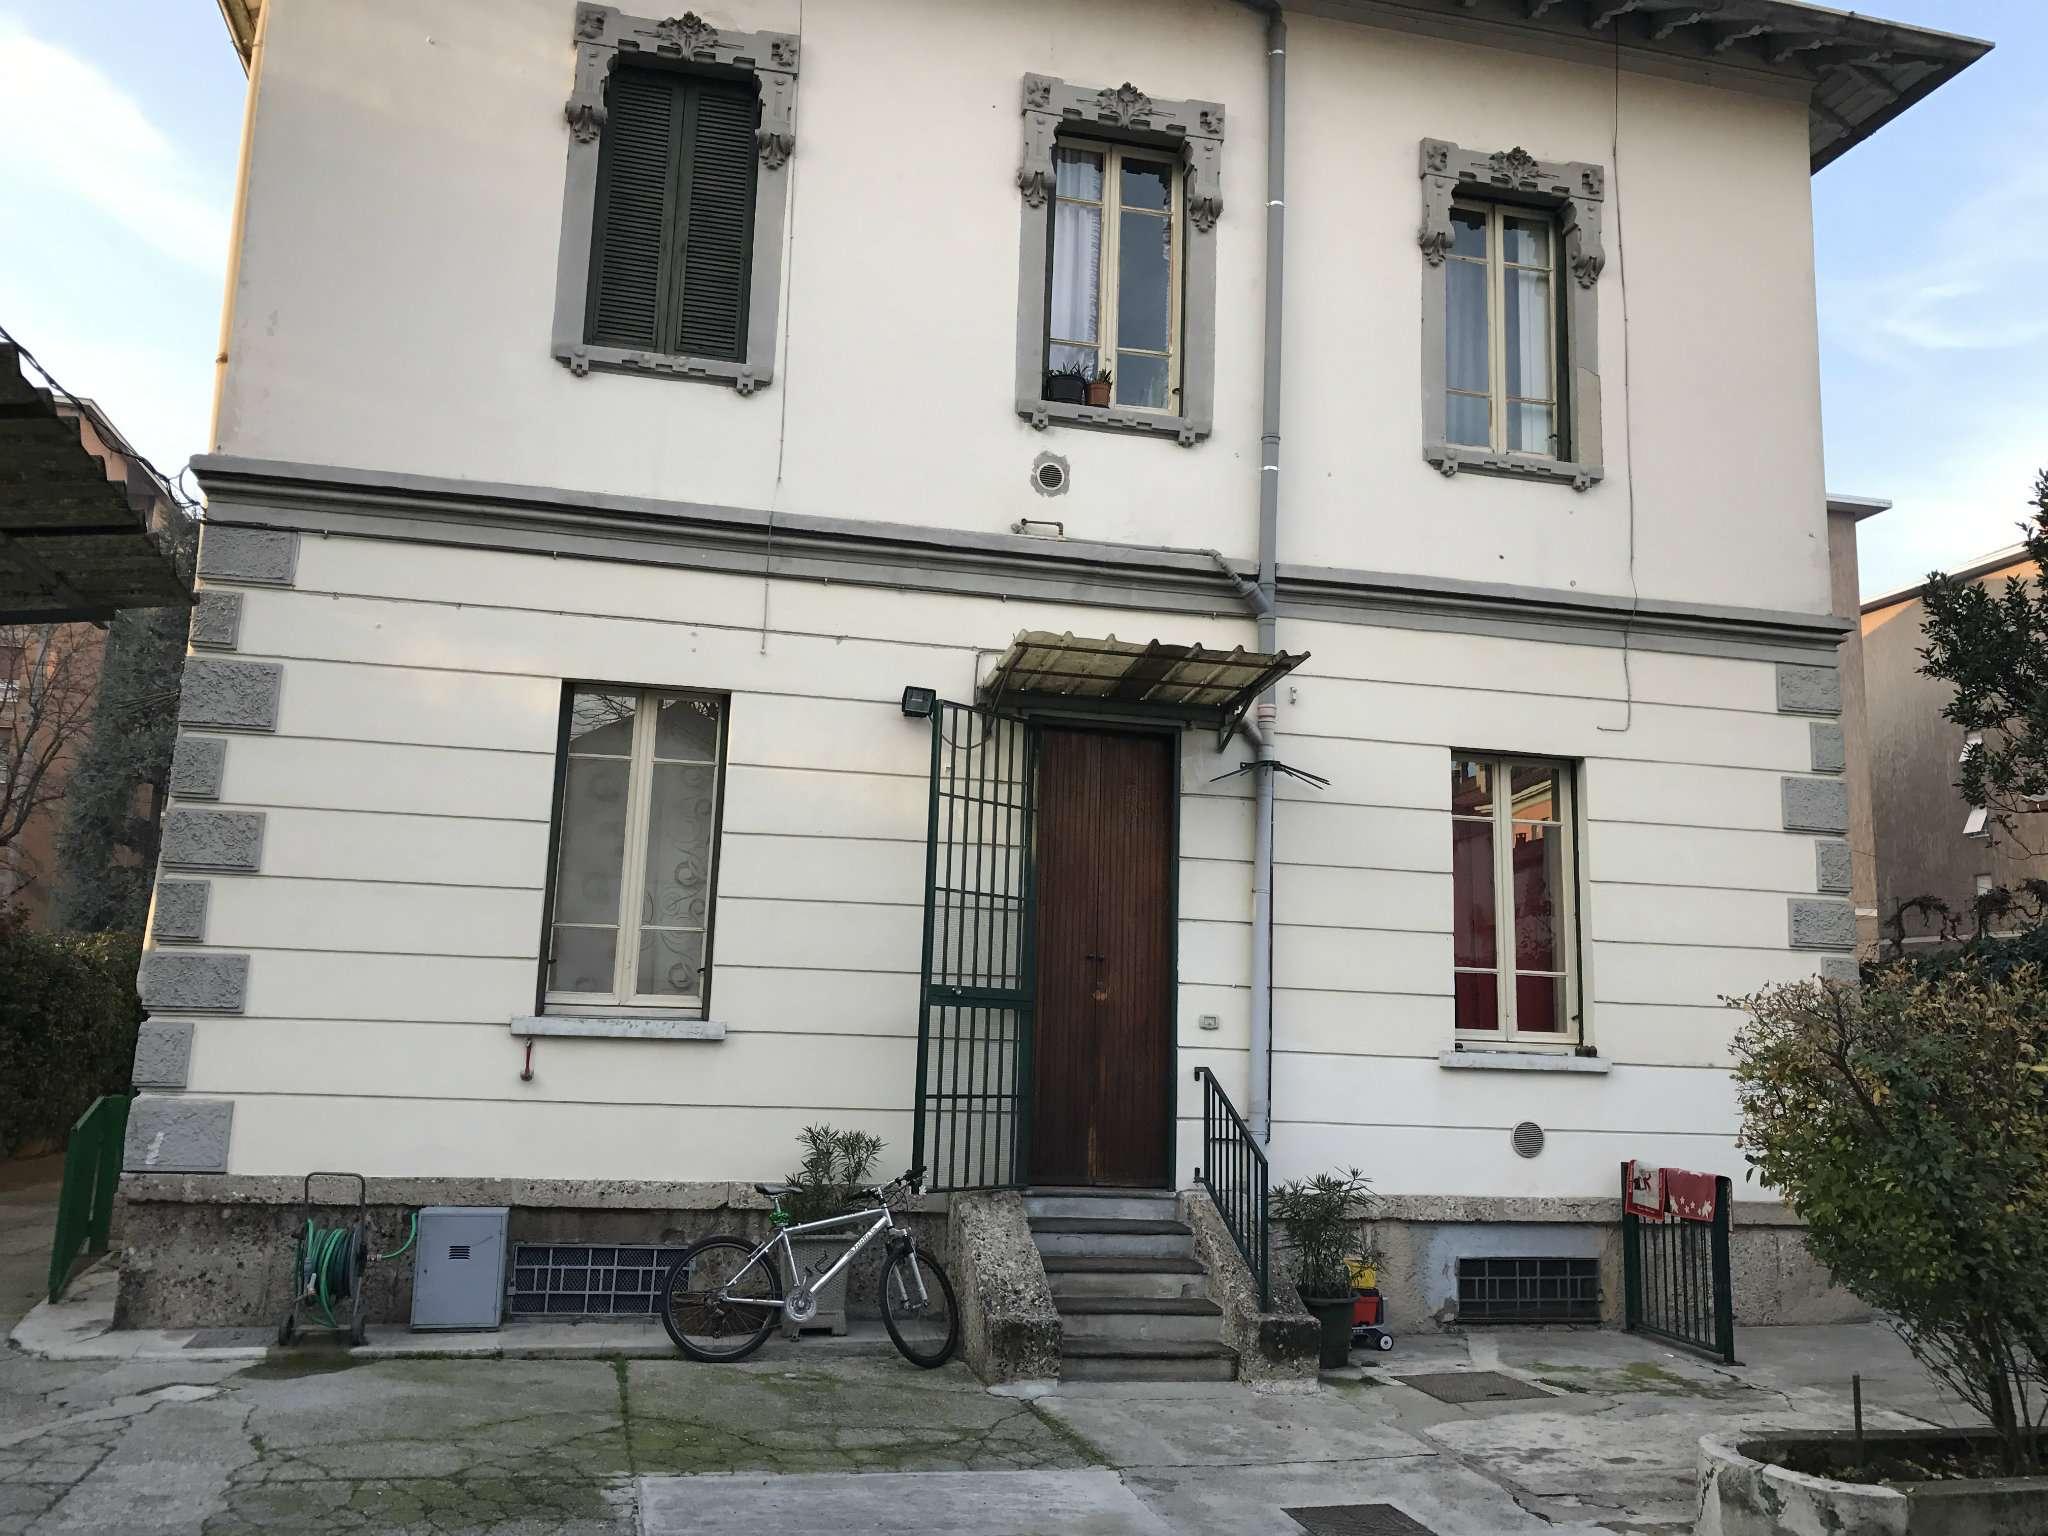 Villa in vendita a Monza, 6 locali, zona Zona: 1 . Centro Storico, San Gerardo, Via Lecco, prezzo € 1.350.000 | Cambio Casa.it